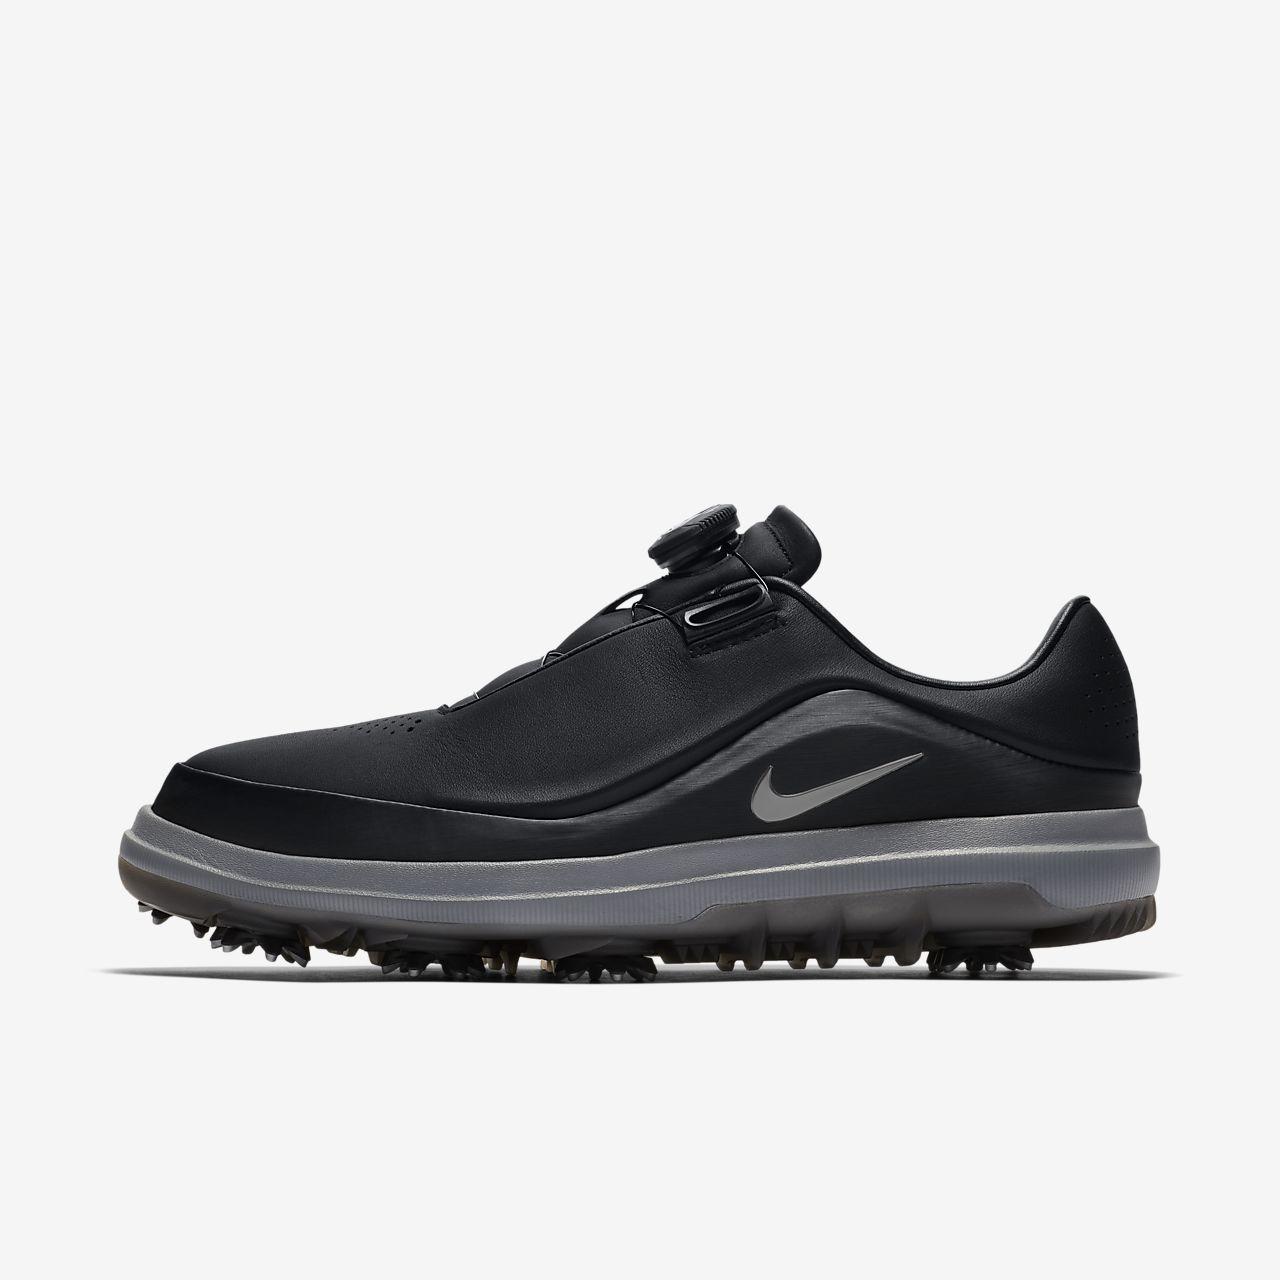 sale retailer 4b835 426db ... Nike Air Zoom Precision BOA ® Golfschoen voor heren